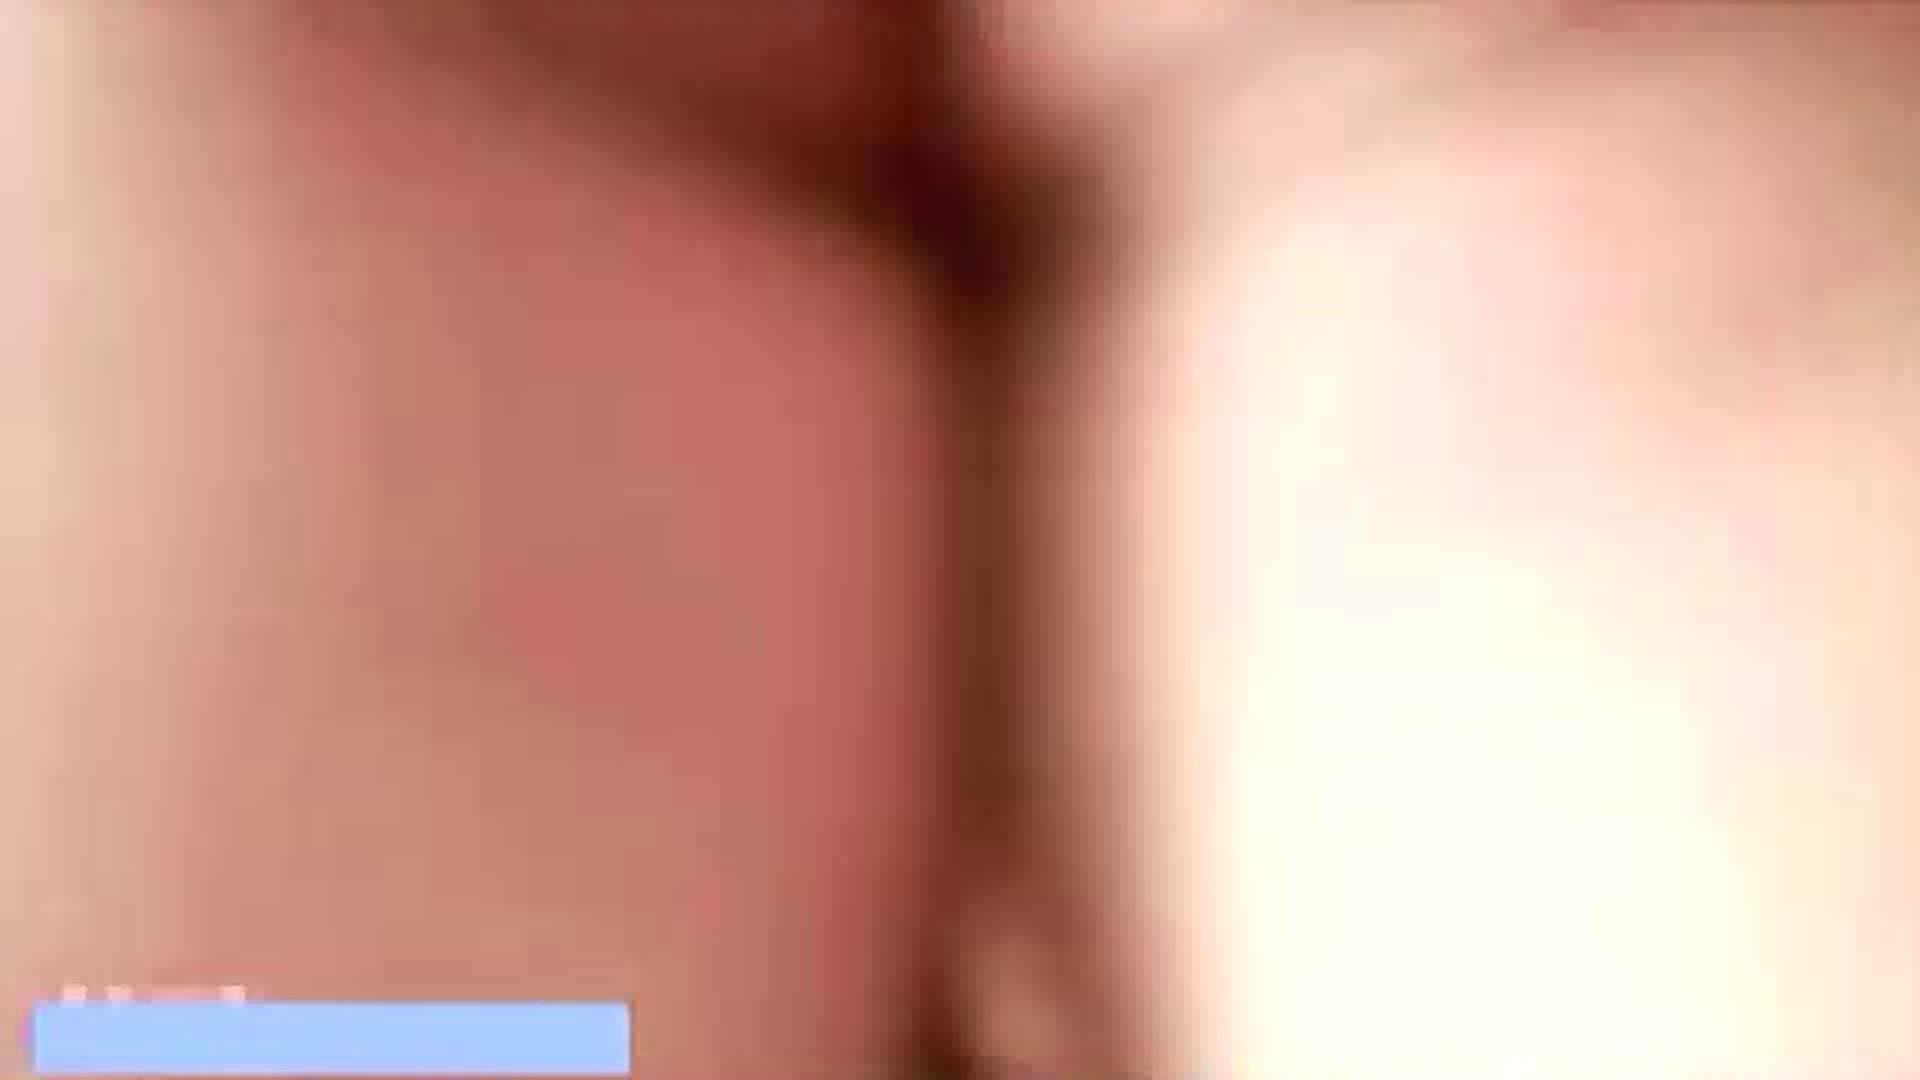 斬新な男女の営み Vol.09 美女エロ画像 | フェラ  76PICs 10